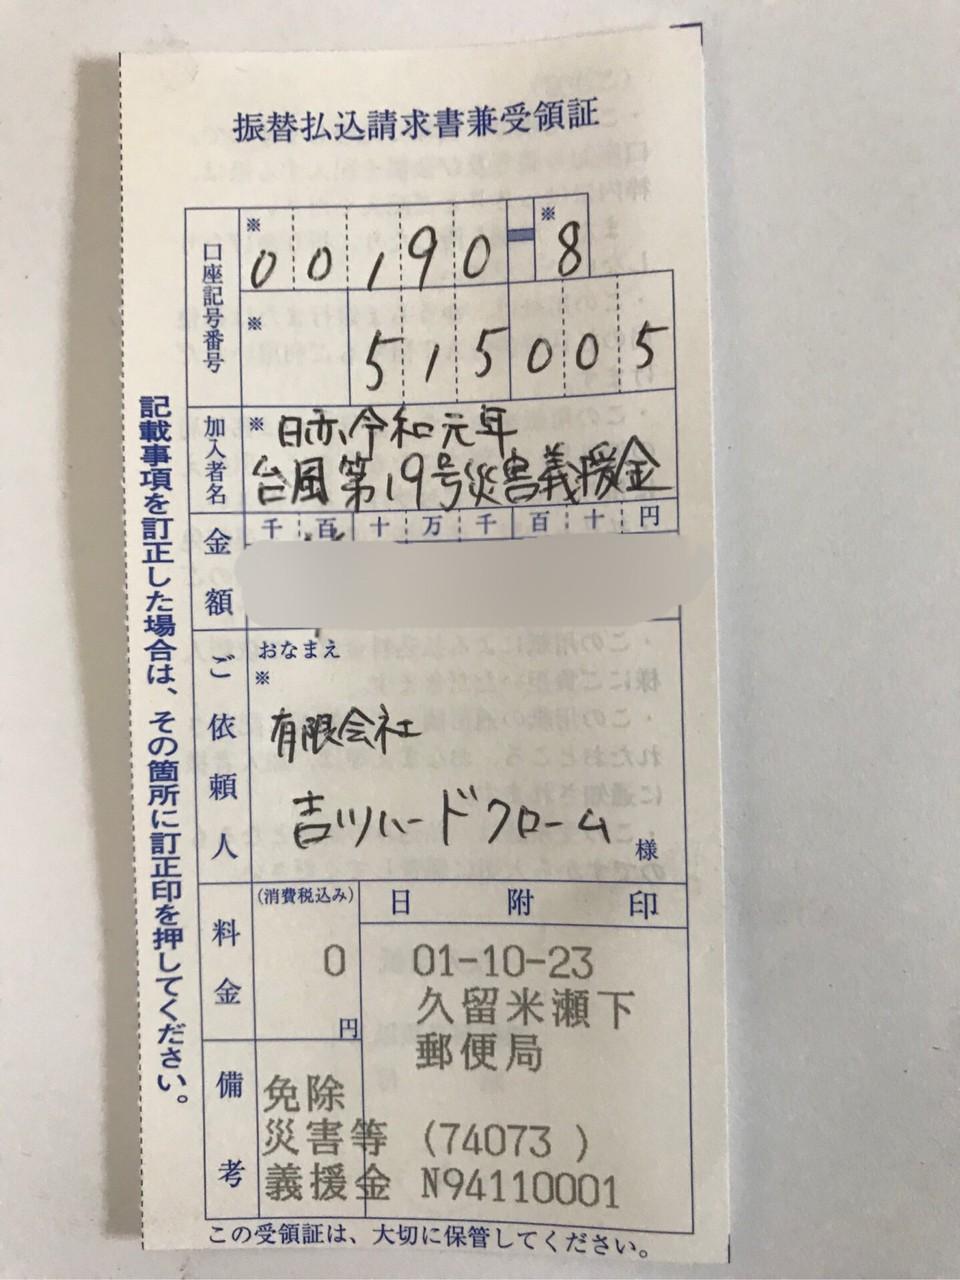 E685D776-3884-4DB6-B7F6-0DFCD49FA1EE